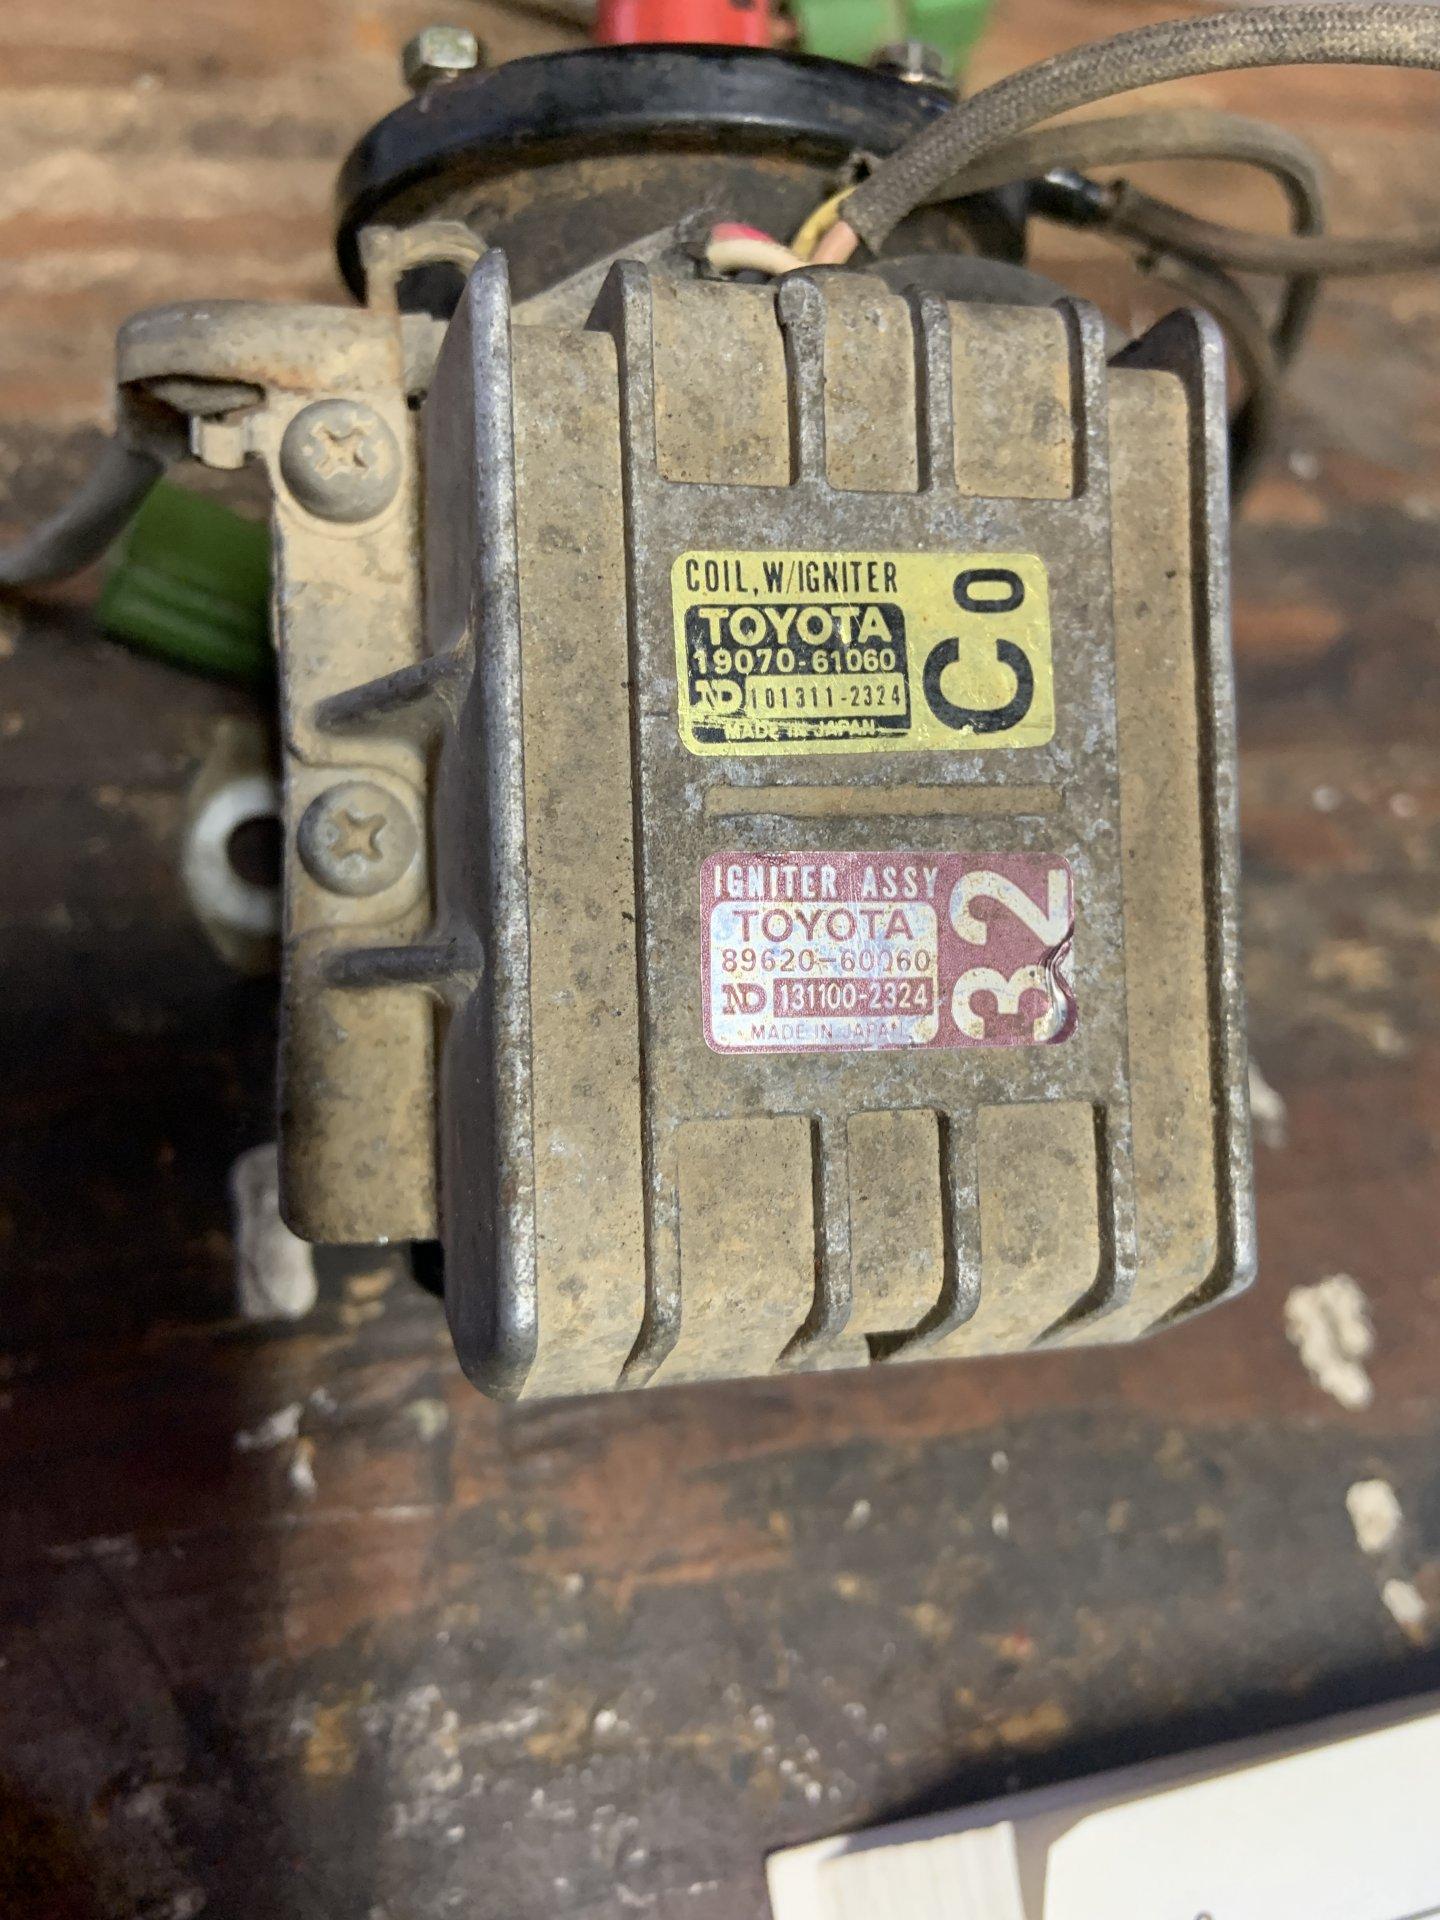 08C05E30-F326-4881-AD95-DD43E97C868F.jpeg